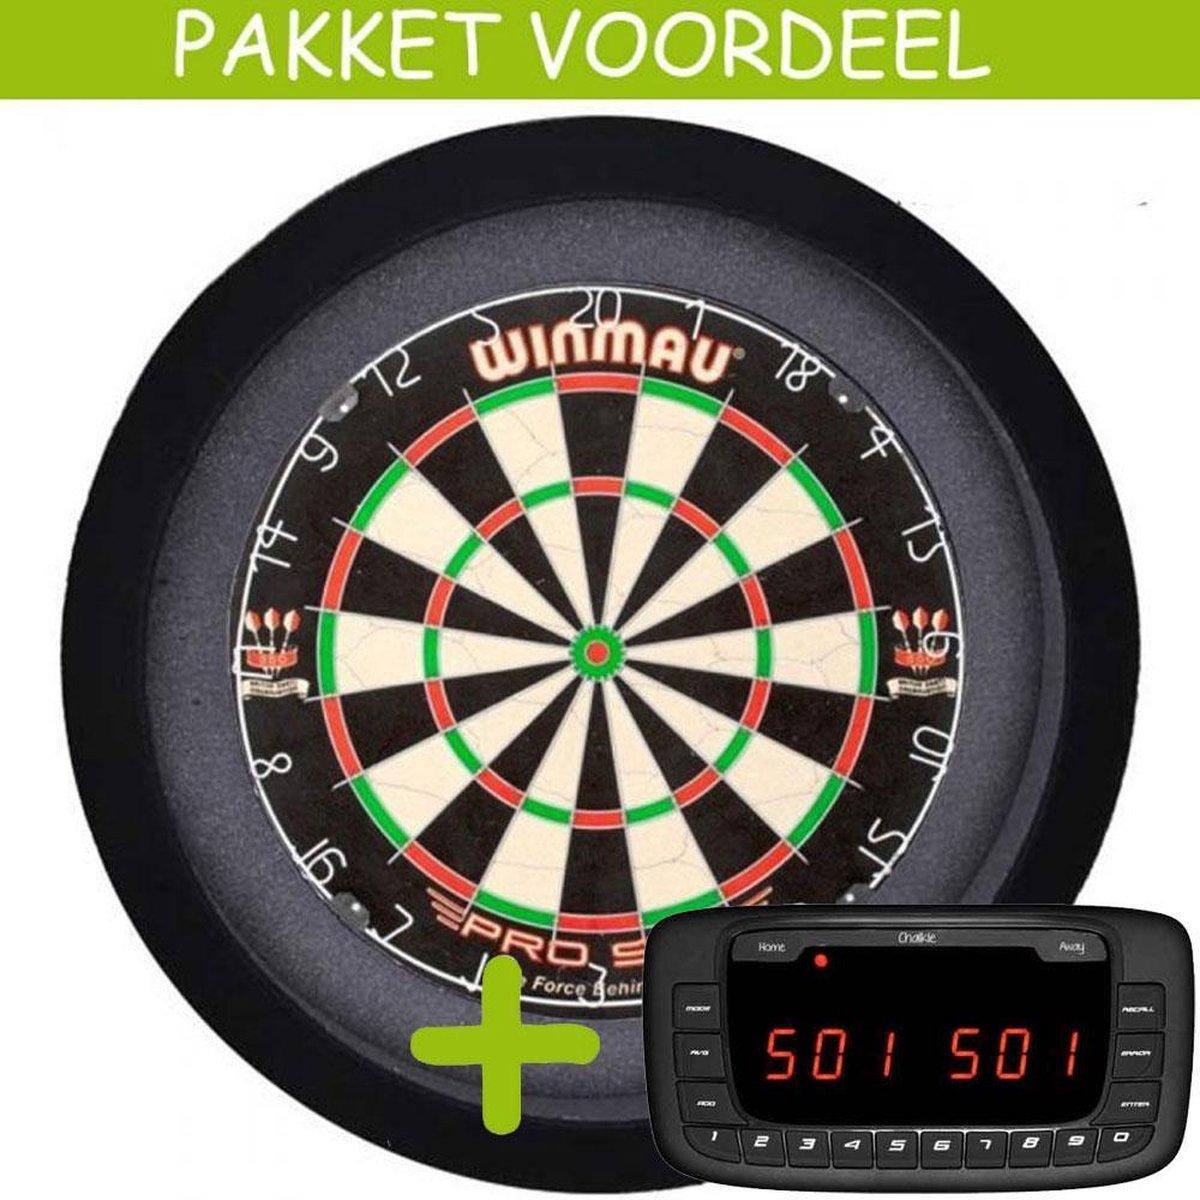 Elektronisch Dart Scorebord VoordeelPakket (Chalkie ) - Pro SFB - Dartbordverlichting Basic (Zwart)